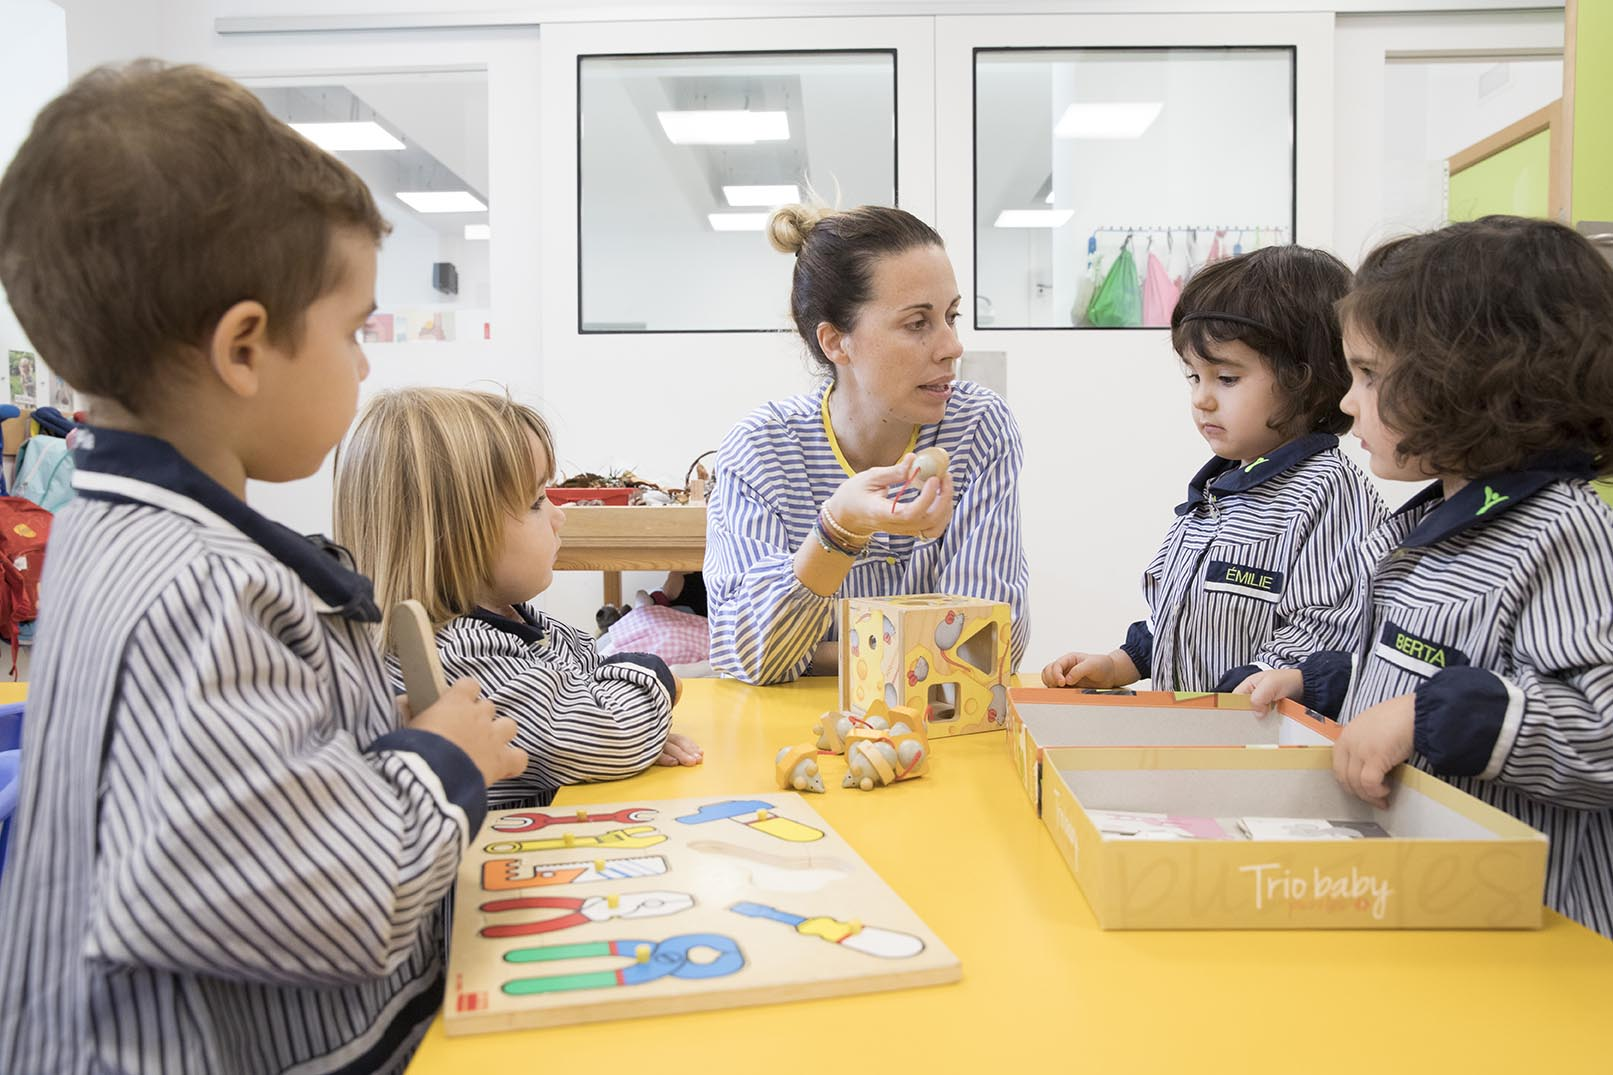 Contes currículum infantil